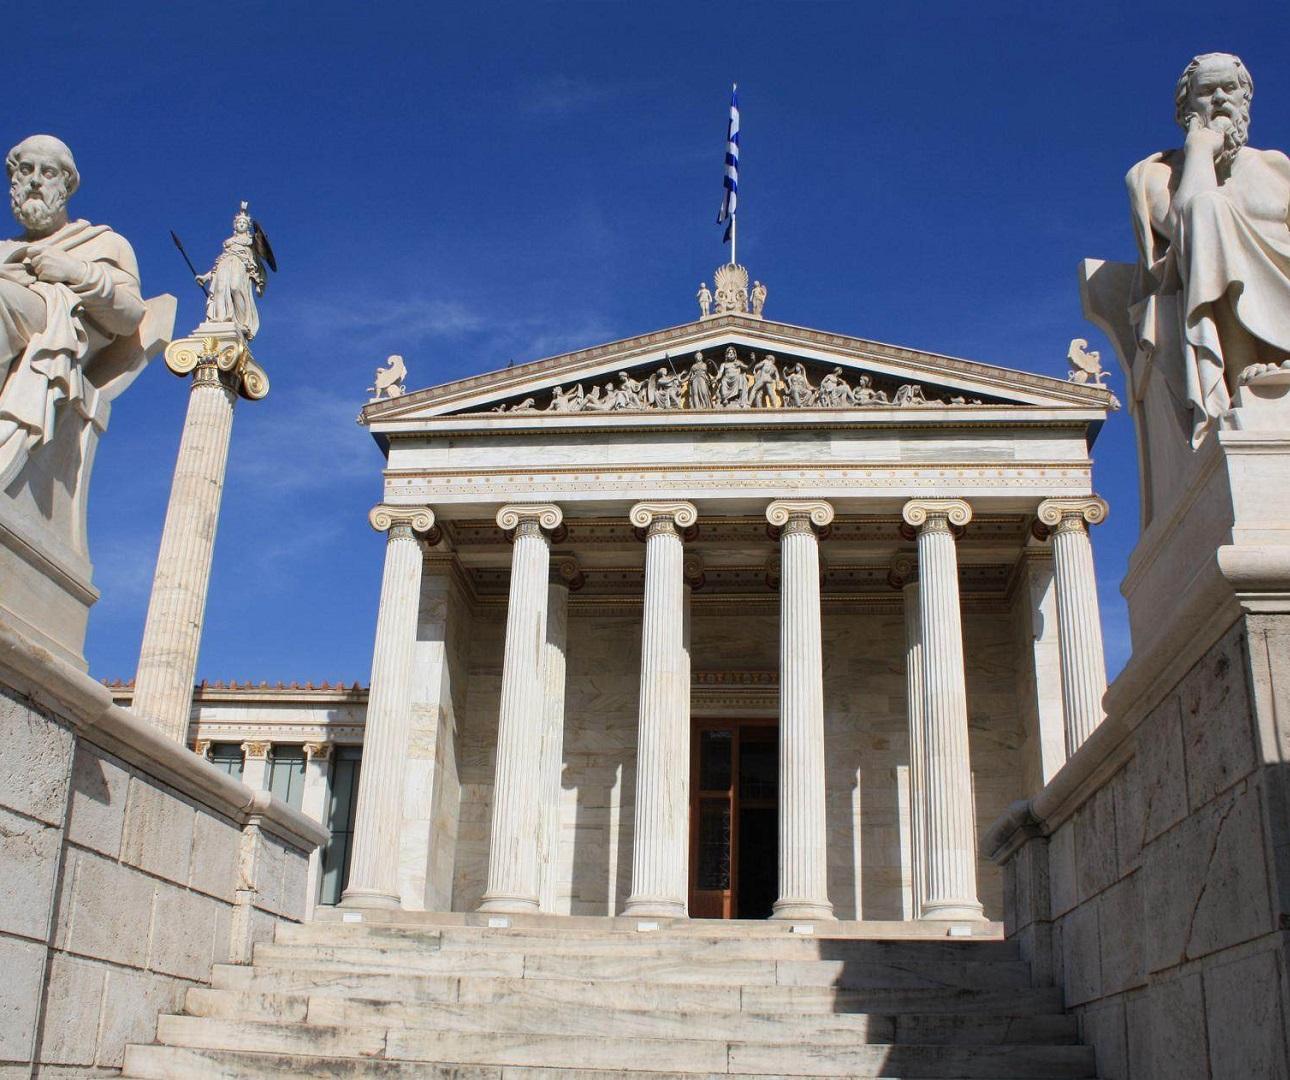 Grecia Classica Tempio